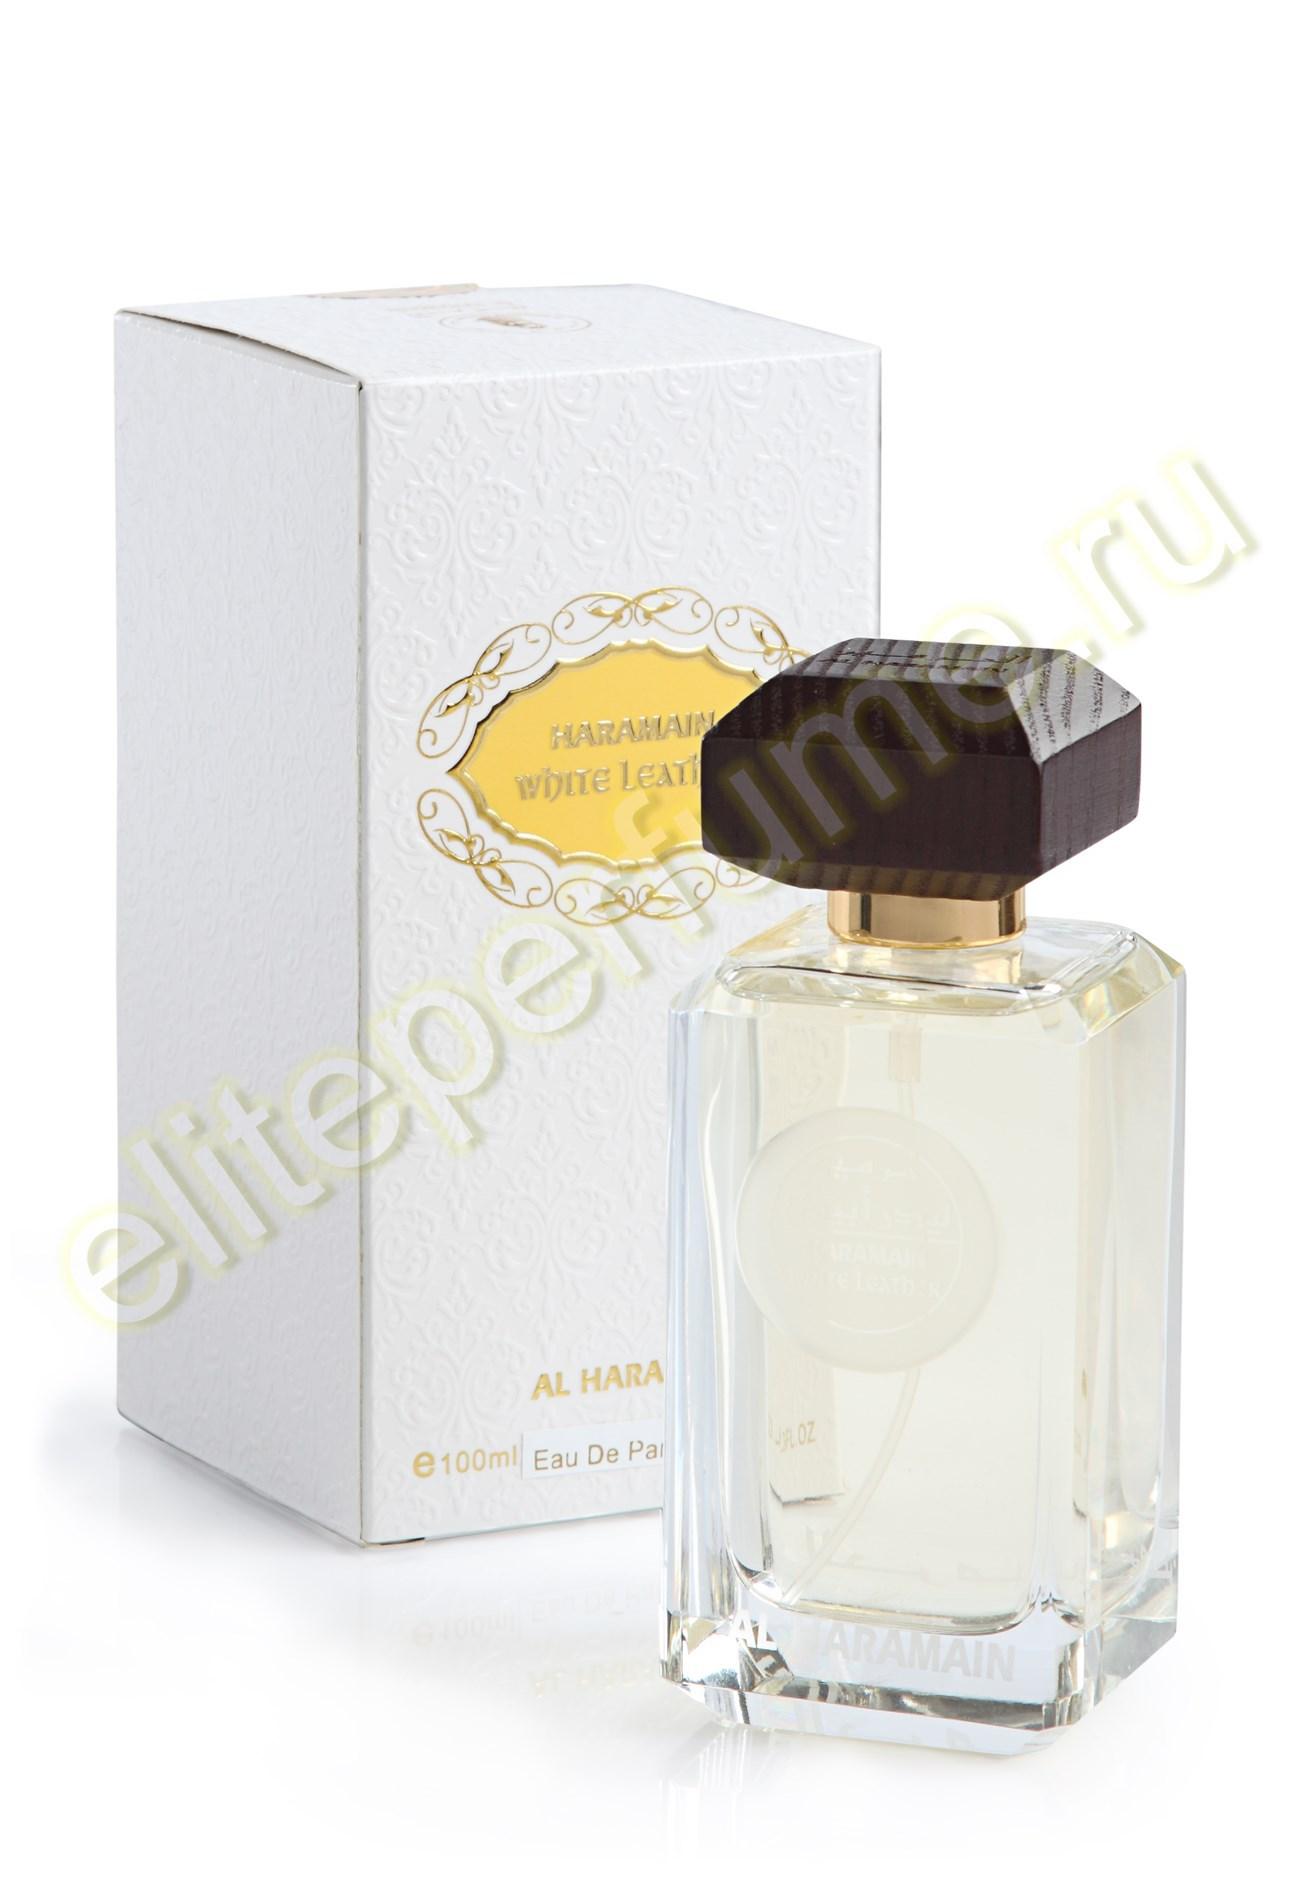 Haramain white leather Харамайн белая кожа 100 мл спрей от Аль Харамайн Al Haramain Perfumes